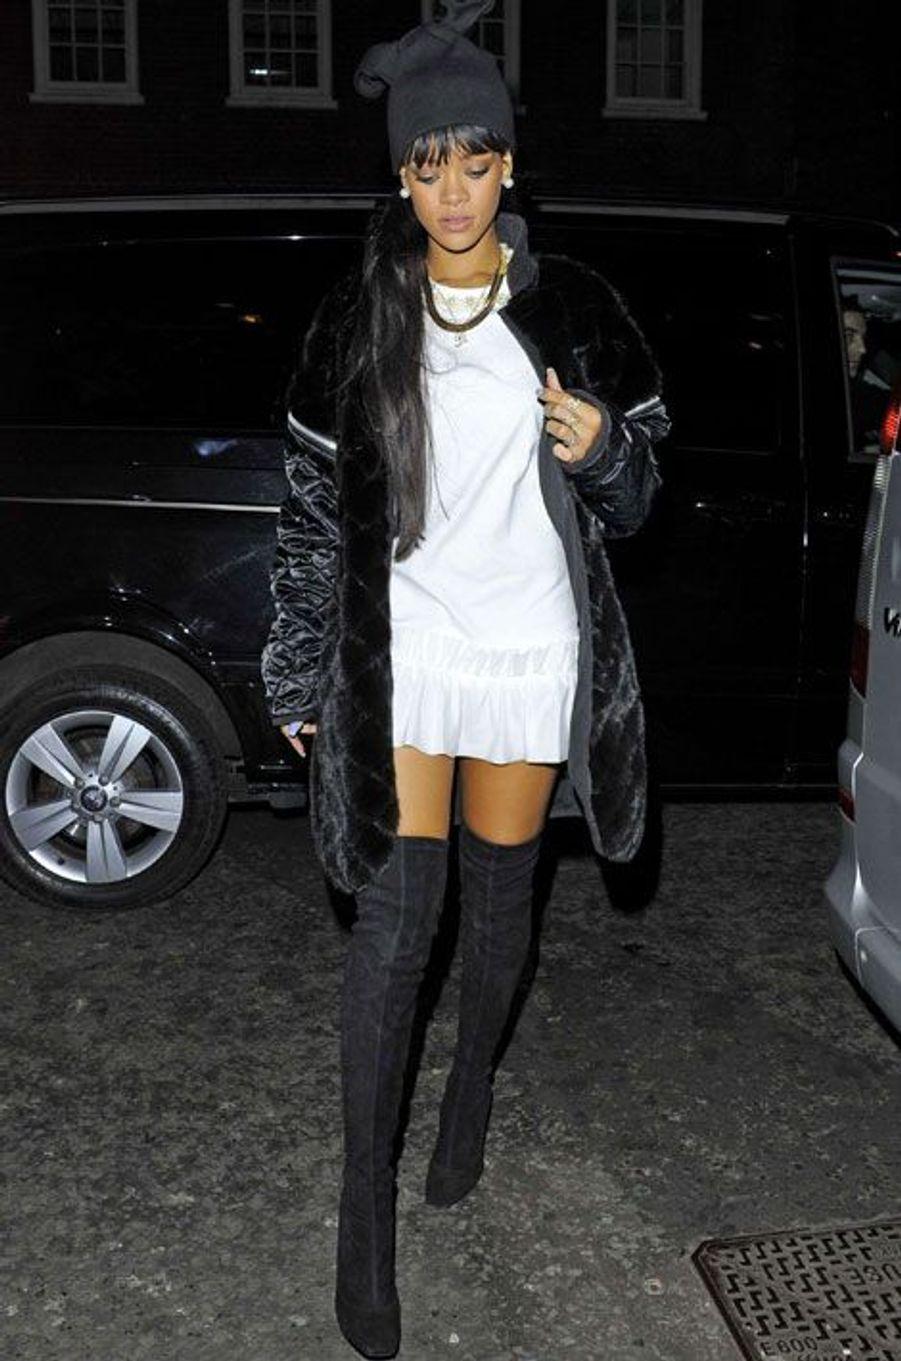 La chanteuse américaine Rihanna sort dîner à Londres, le 27 mars 2014